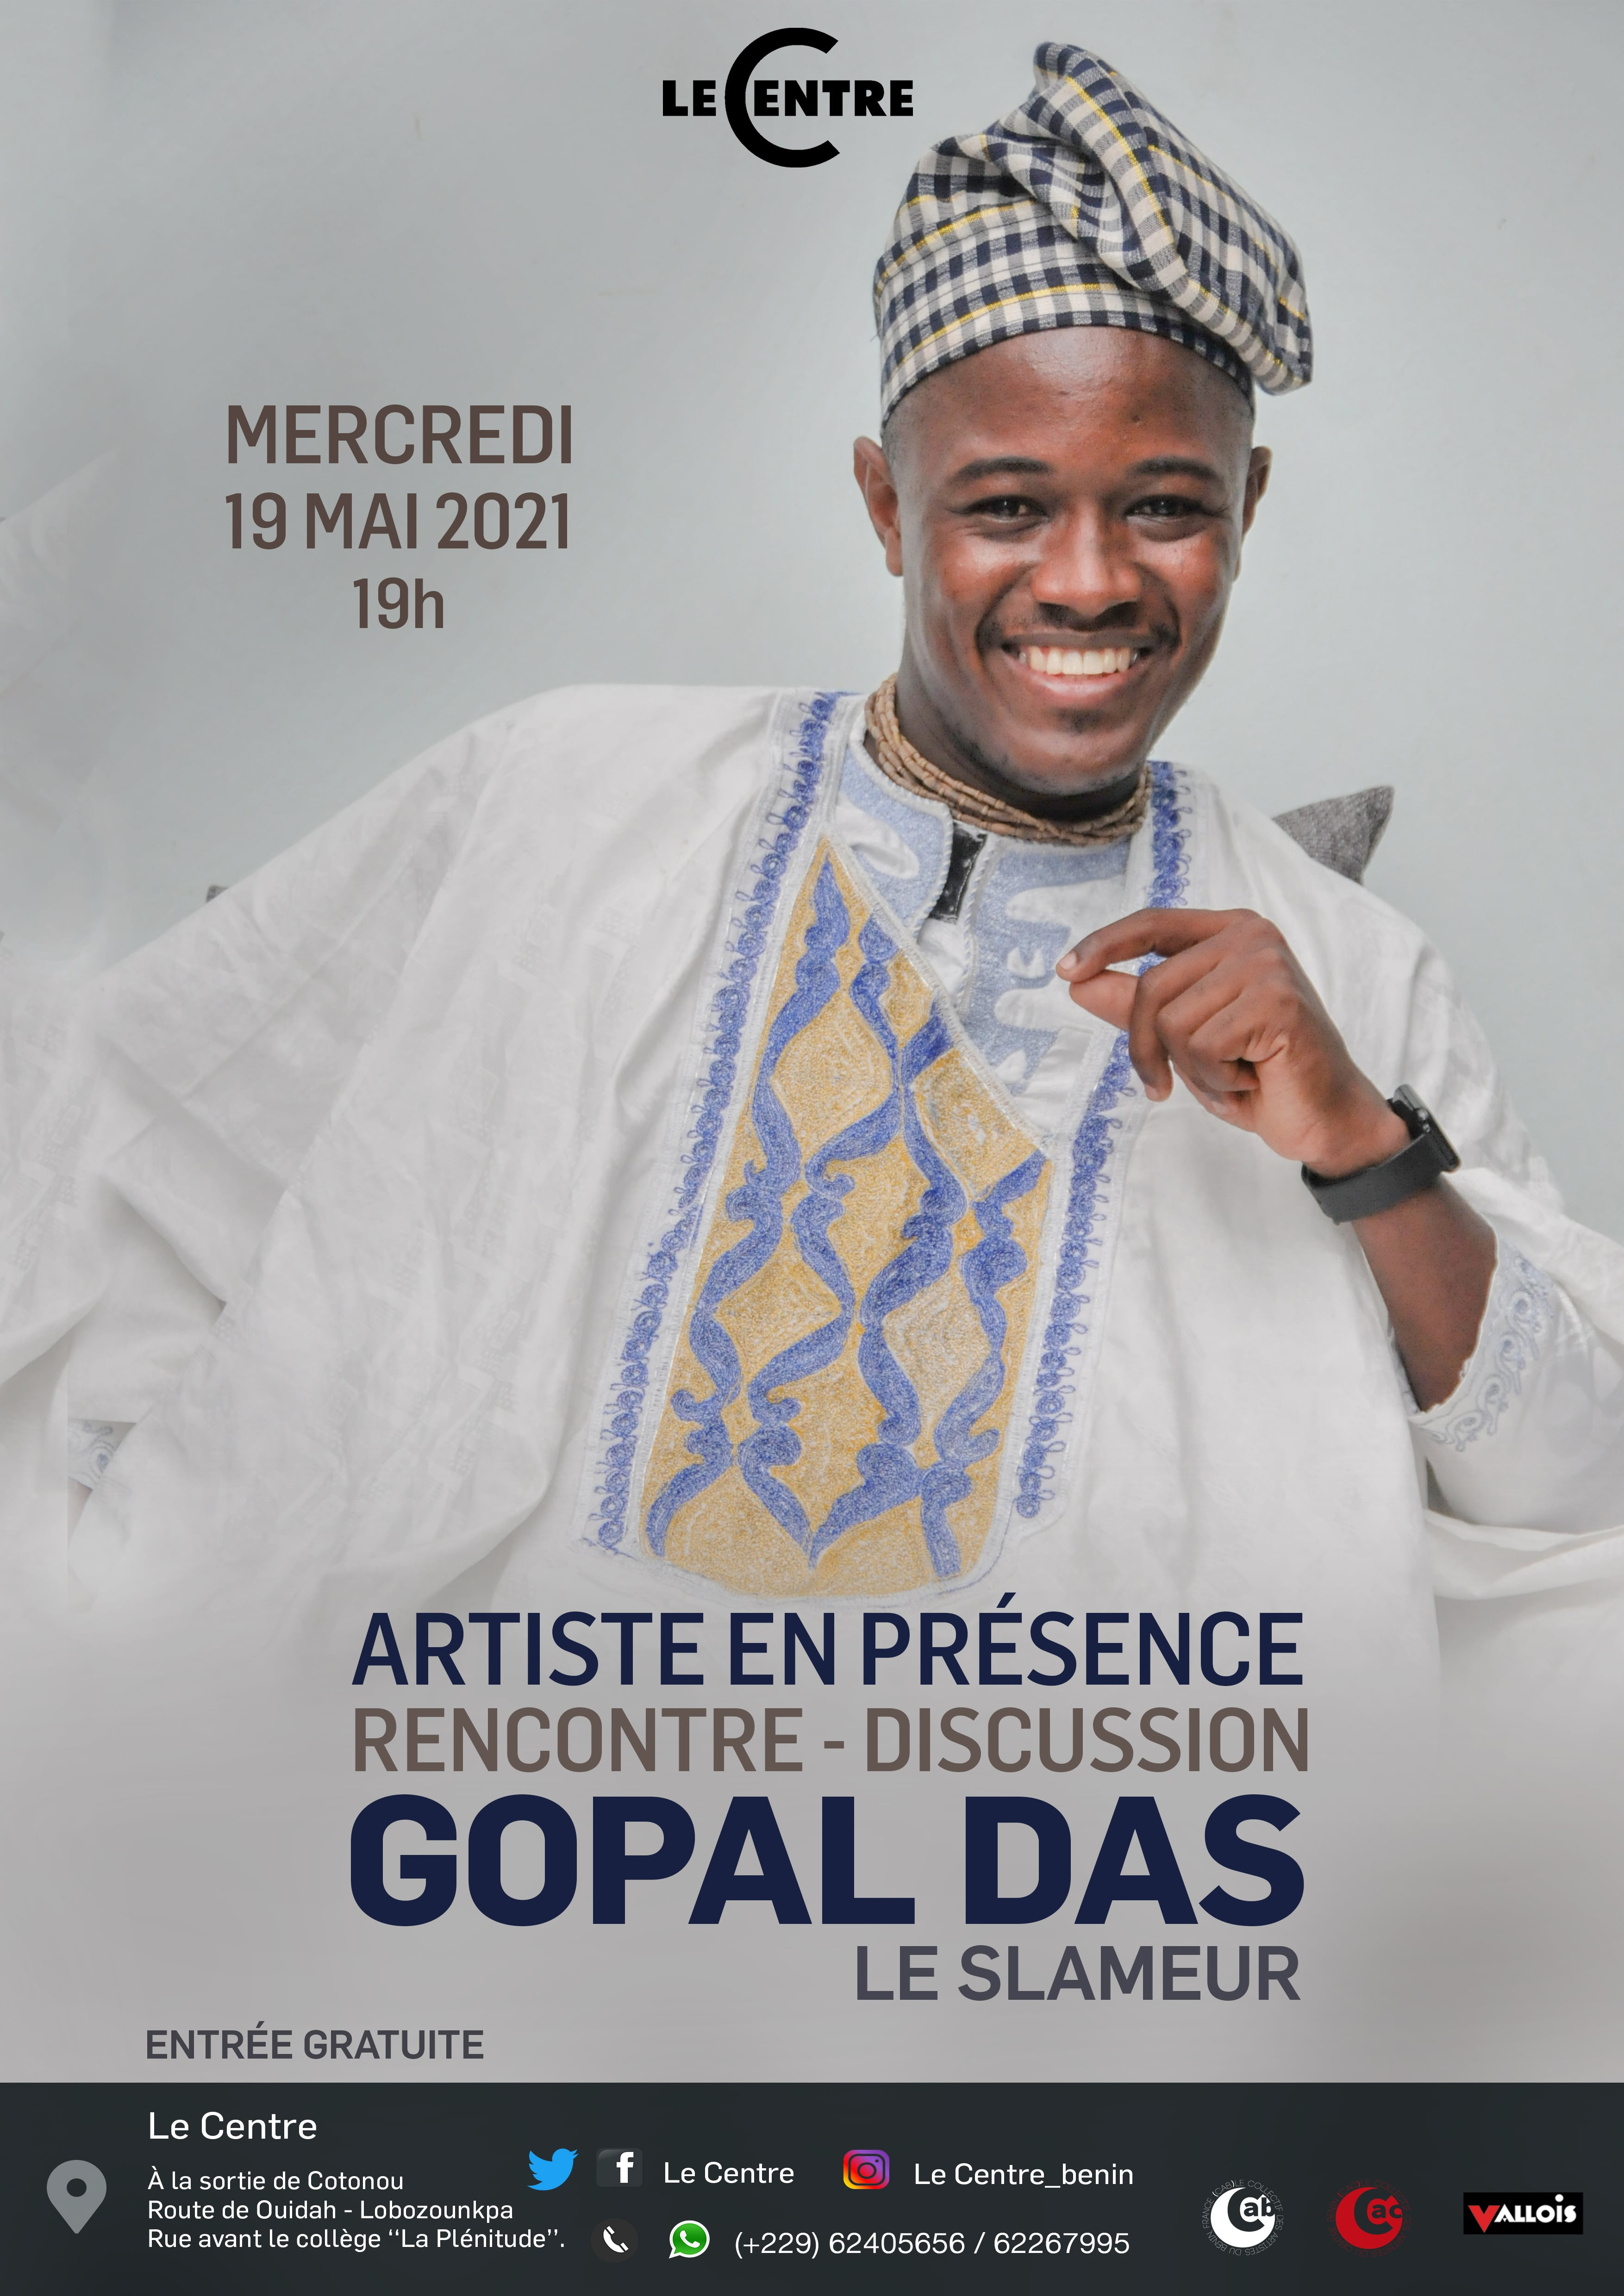 Artiste en présence, Gopal Das Le slameur